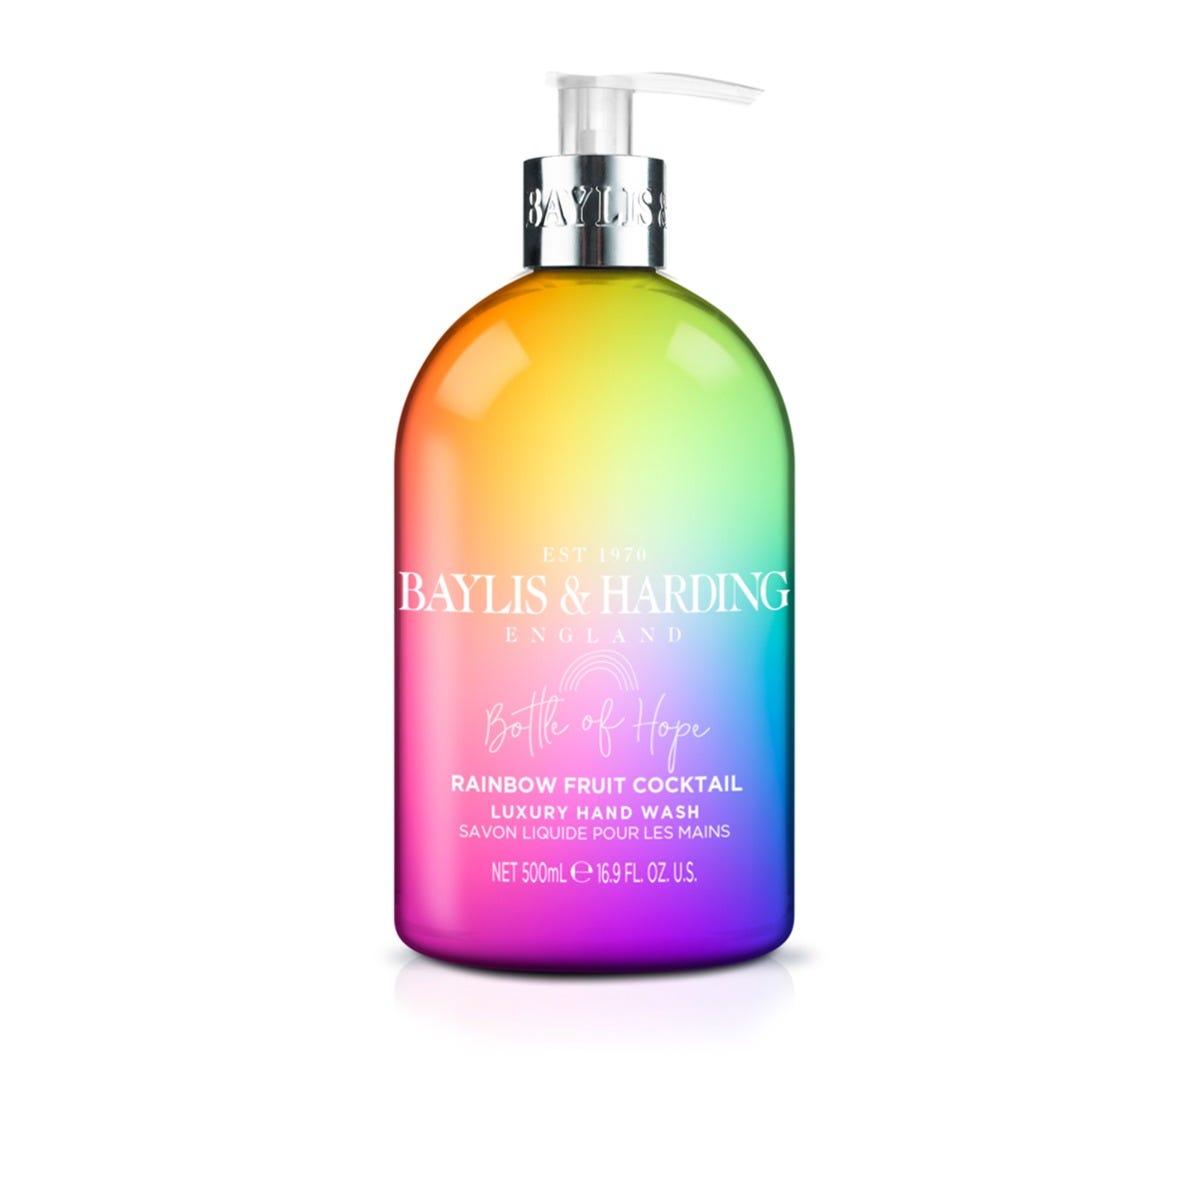 Jabón para manos Baylis & Harding® aroma cóctel de frutas arcoíris